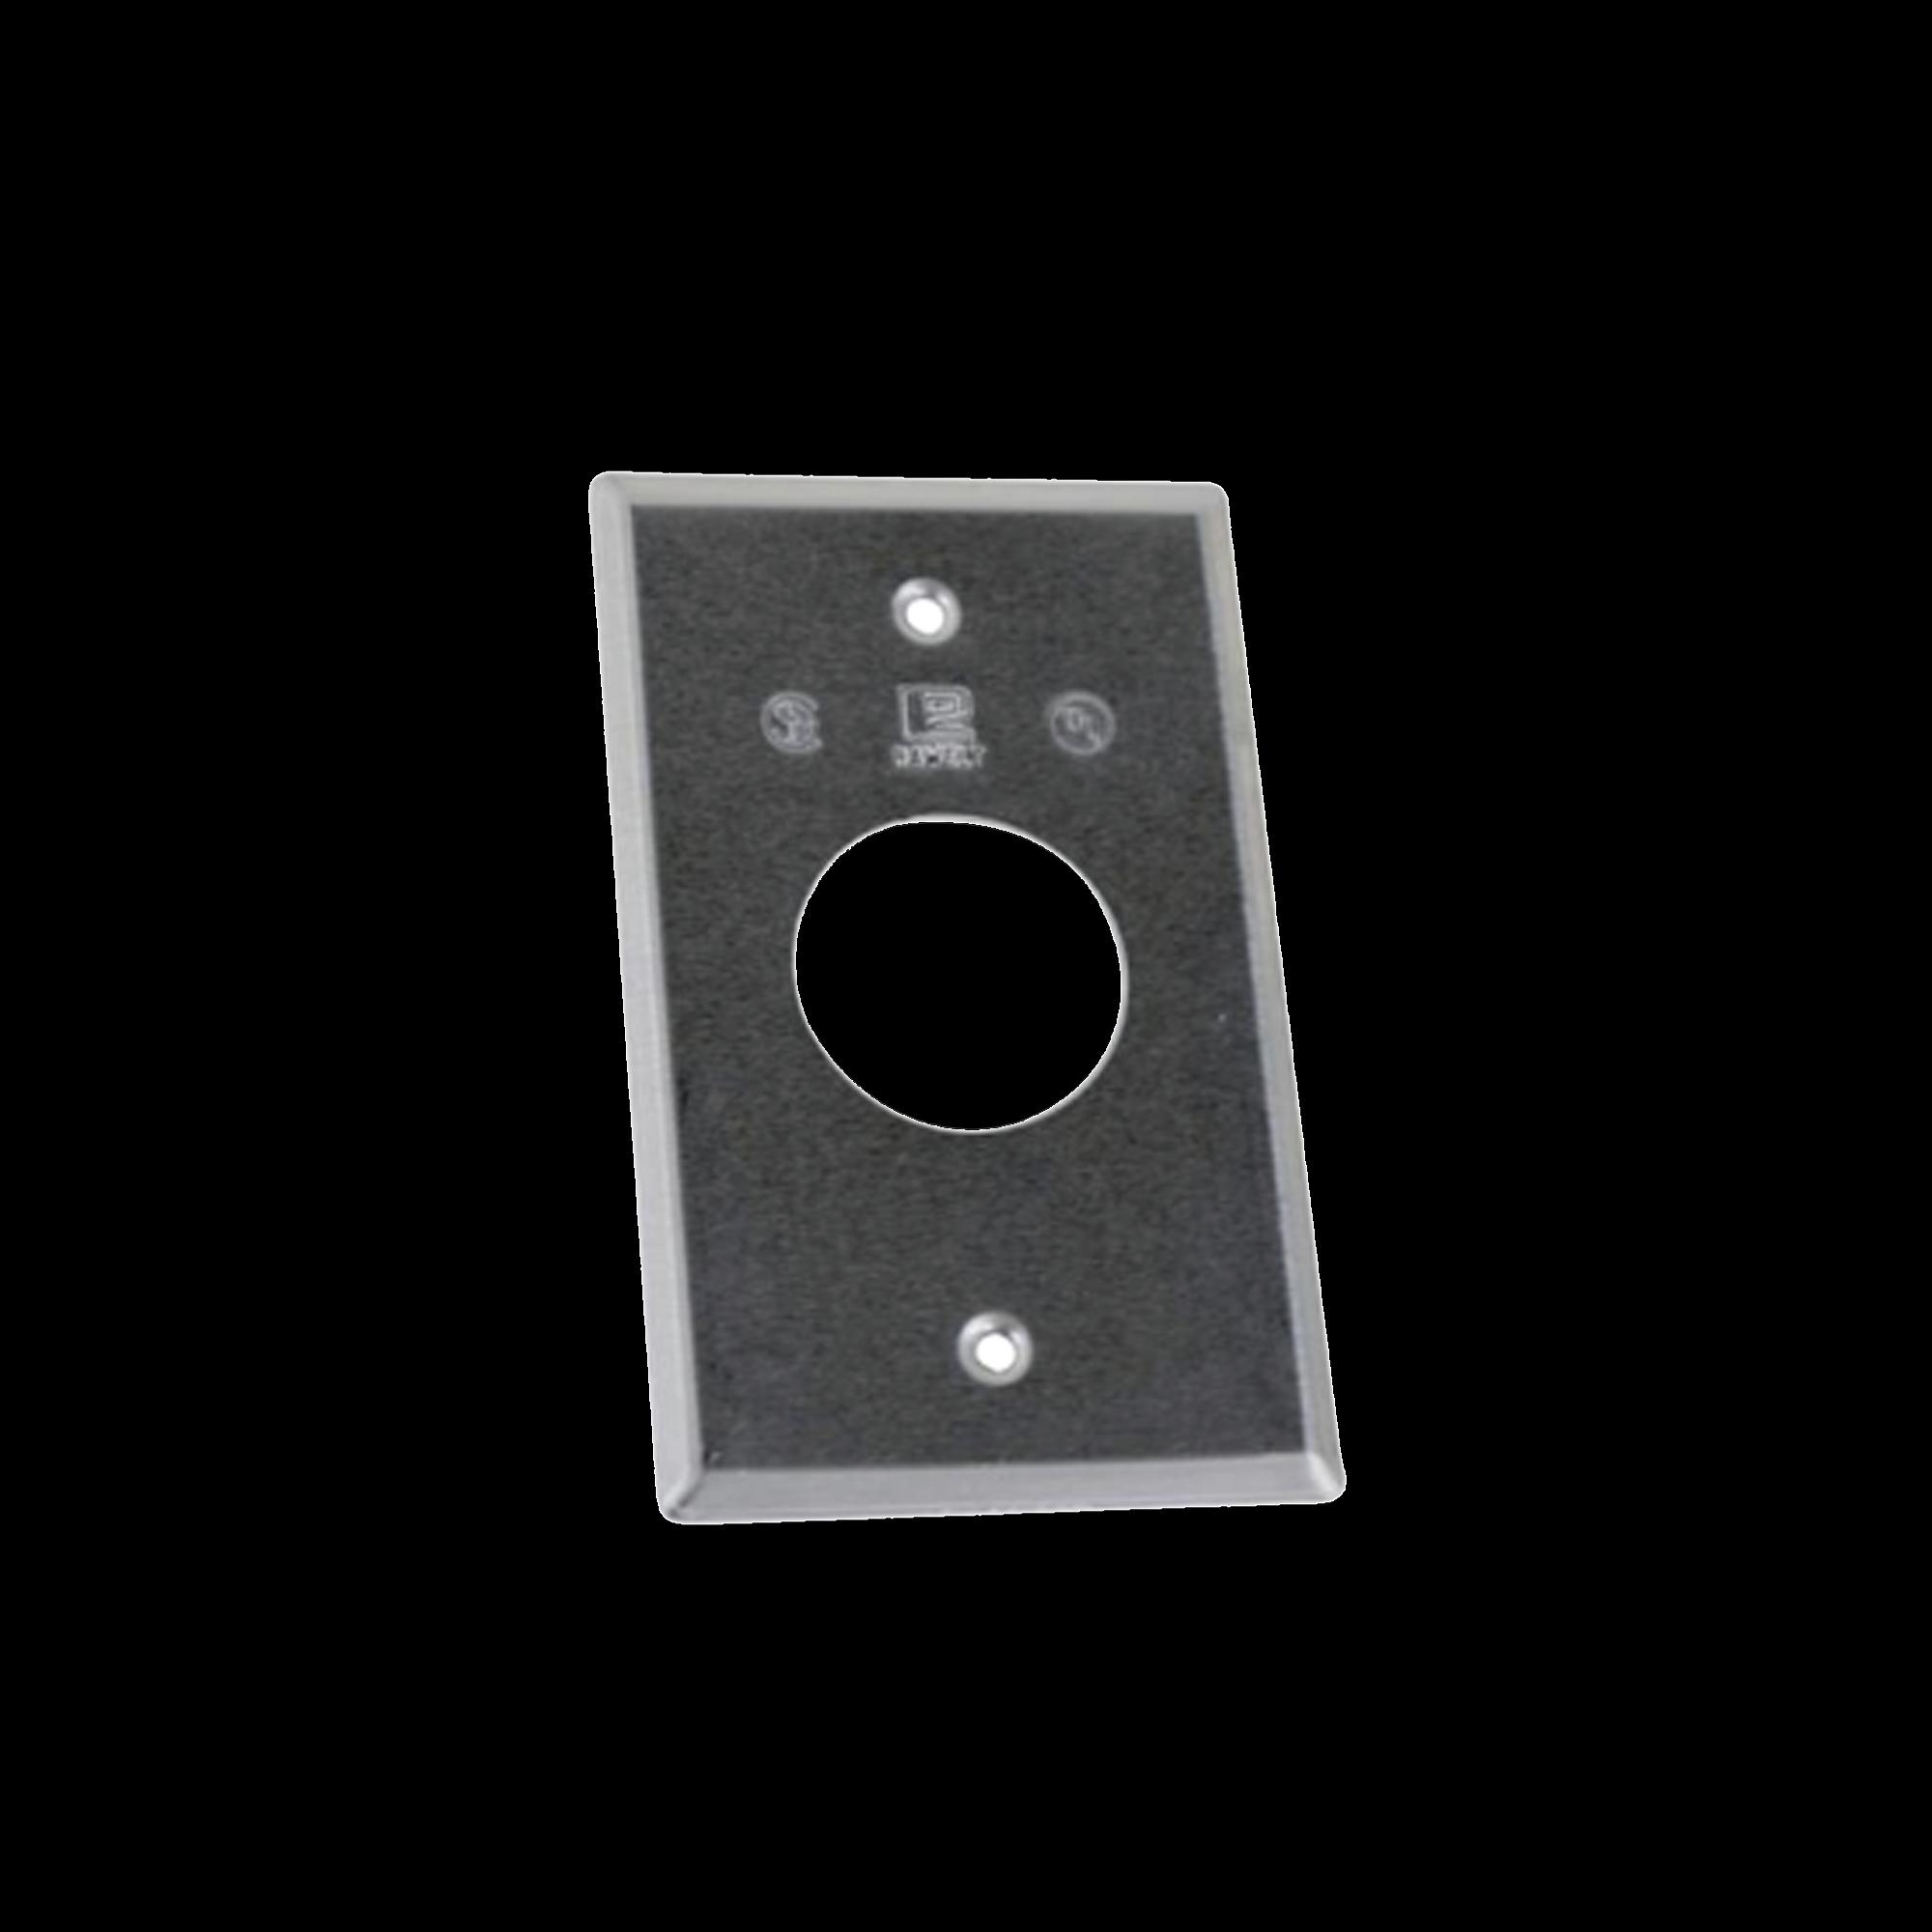 Tapa rectangular aluminio para contacto de 35.2 mm, tipo RR a prueba de intemperie.